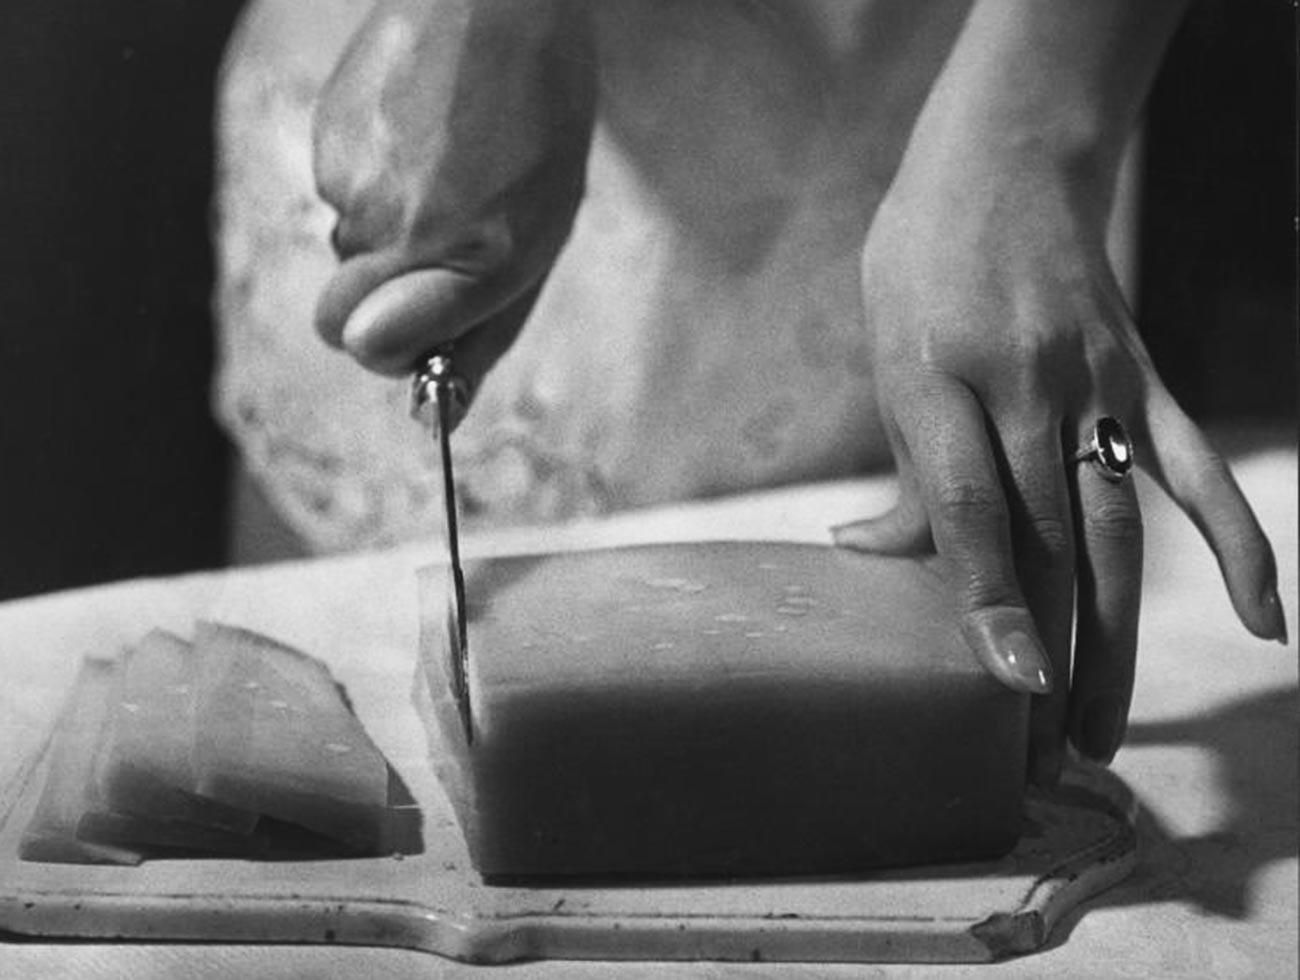 Il est difficile de déterminer précisément ce qui se trouve sous ce couteau : du beurre, du fromage ou encore du lard ? (1957)